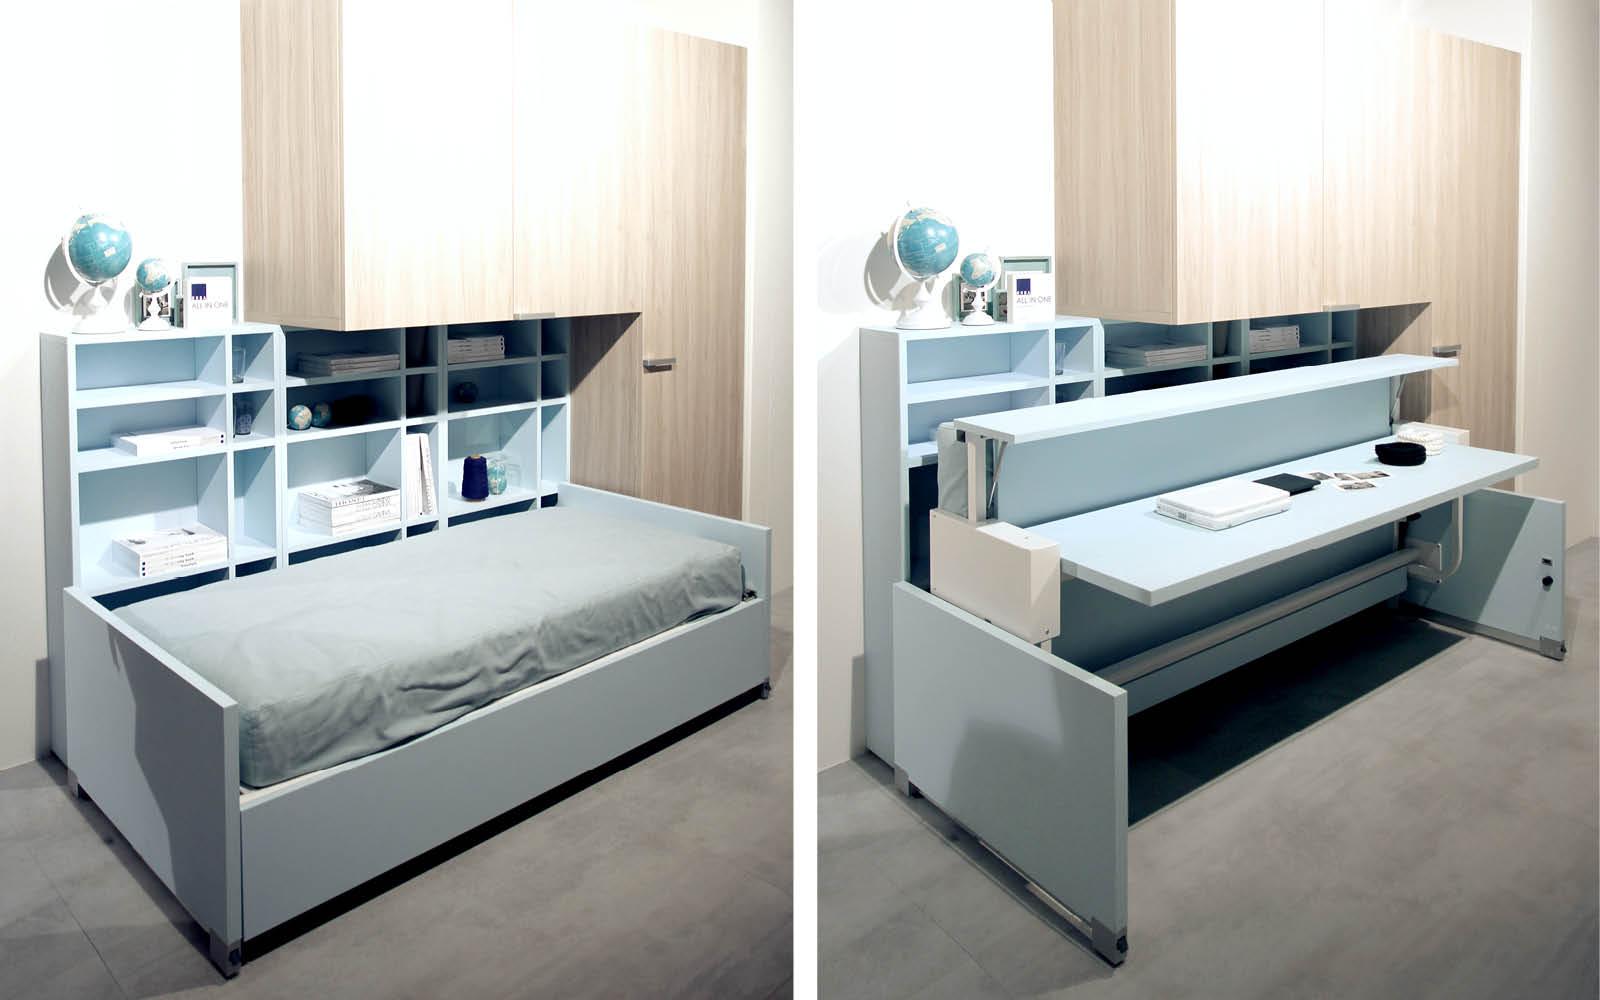 Multifunktionale Möbel werden vom Bett zum Schreibtisch